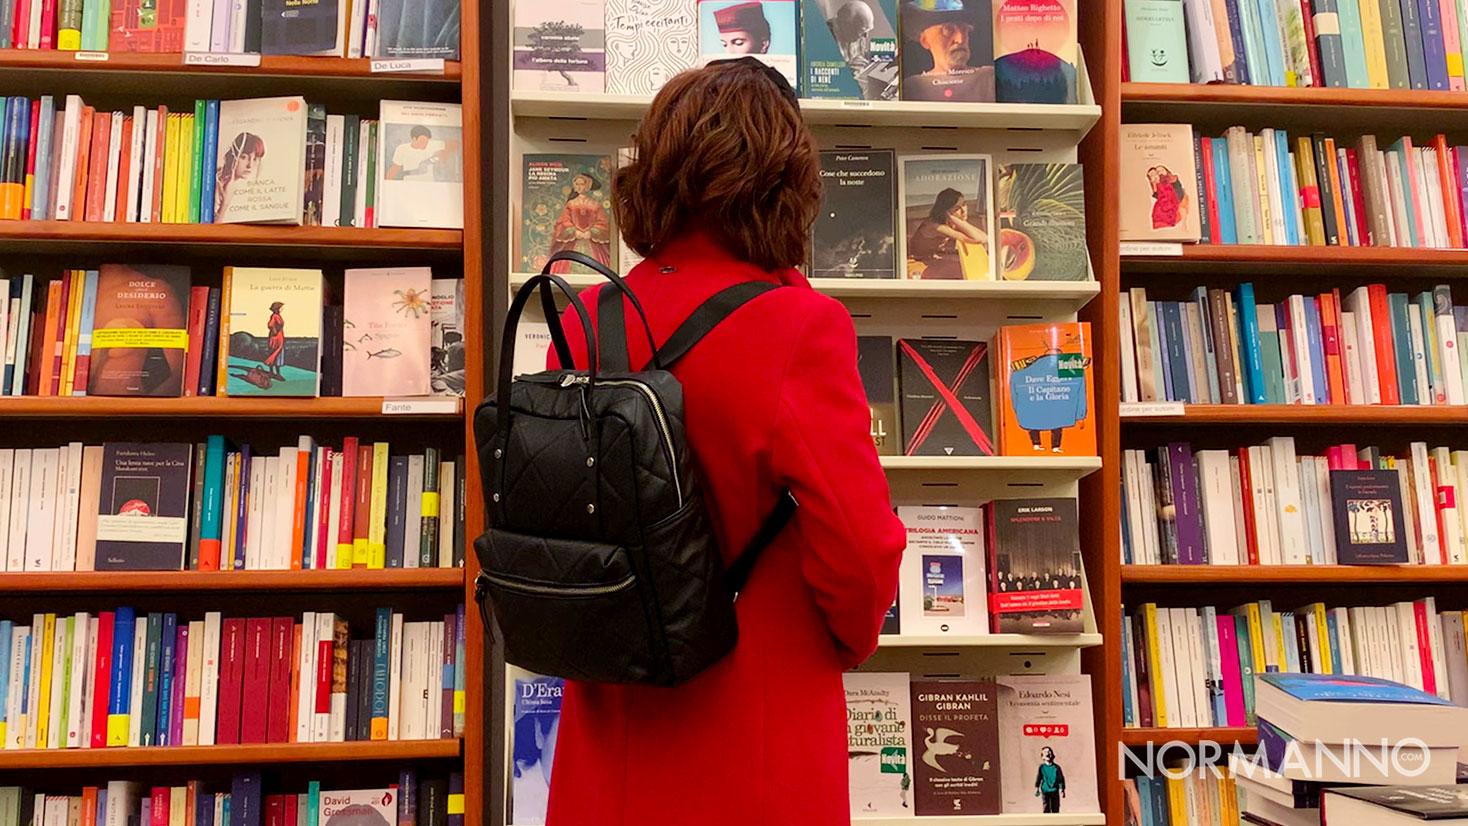 foto di una ragazza che guarda i libri in una libreria di messina